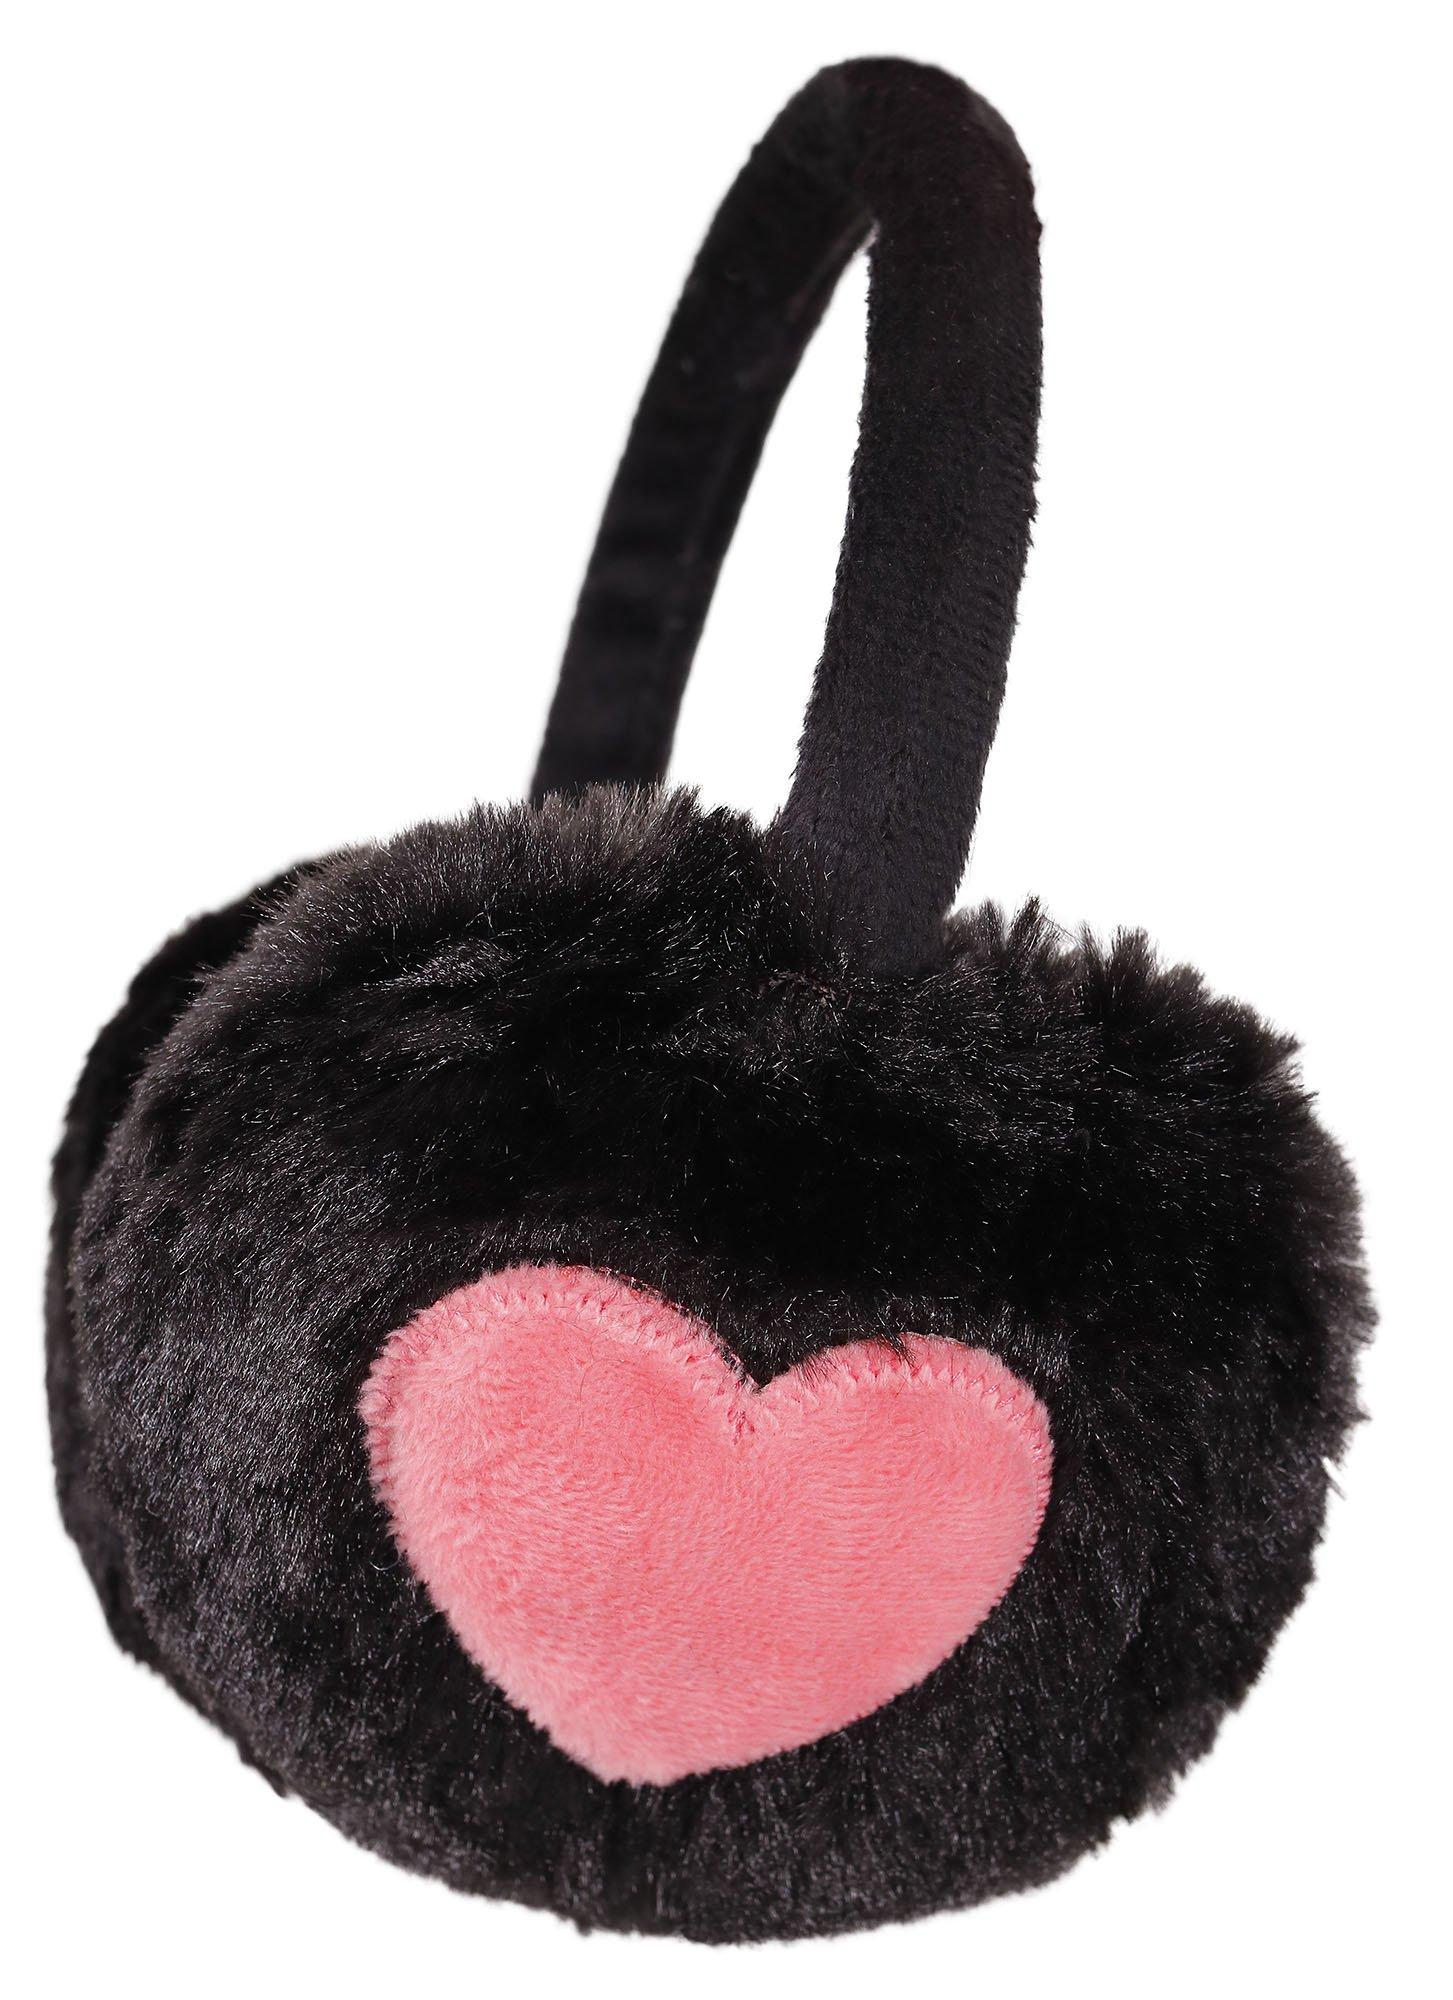 Simplicity Unisex Warm Faux Furry/ Fleece Winter Ear Muffs, Black/ Pink Heart,Heart